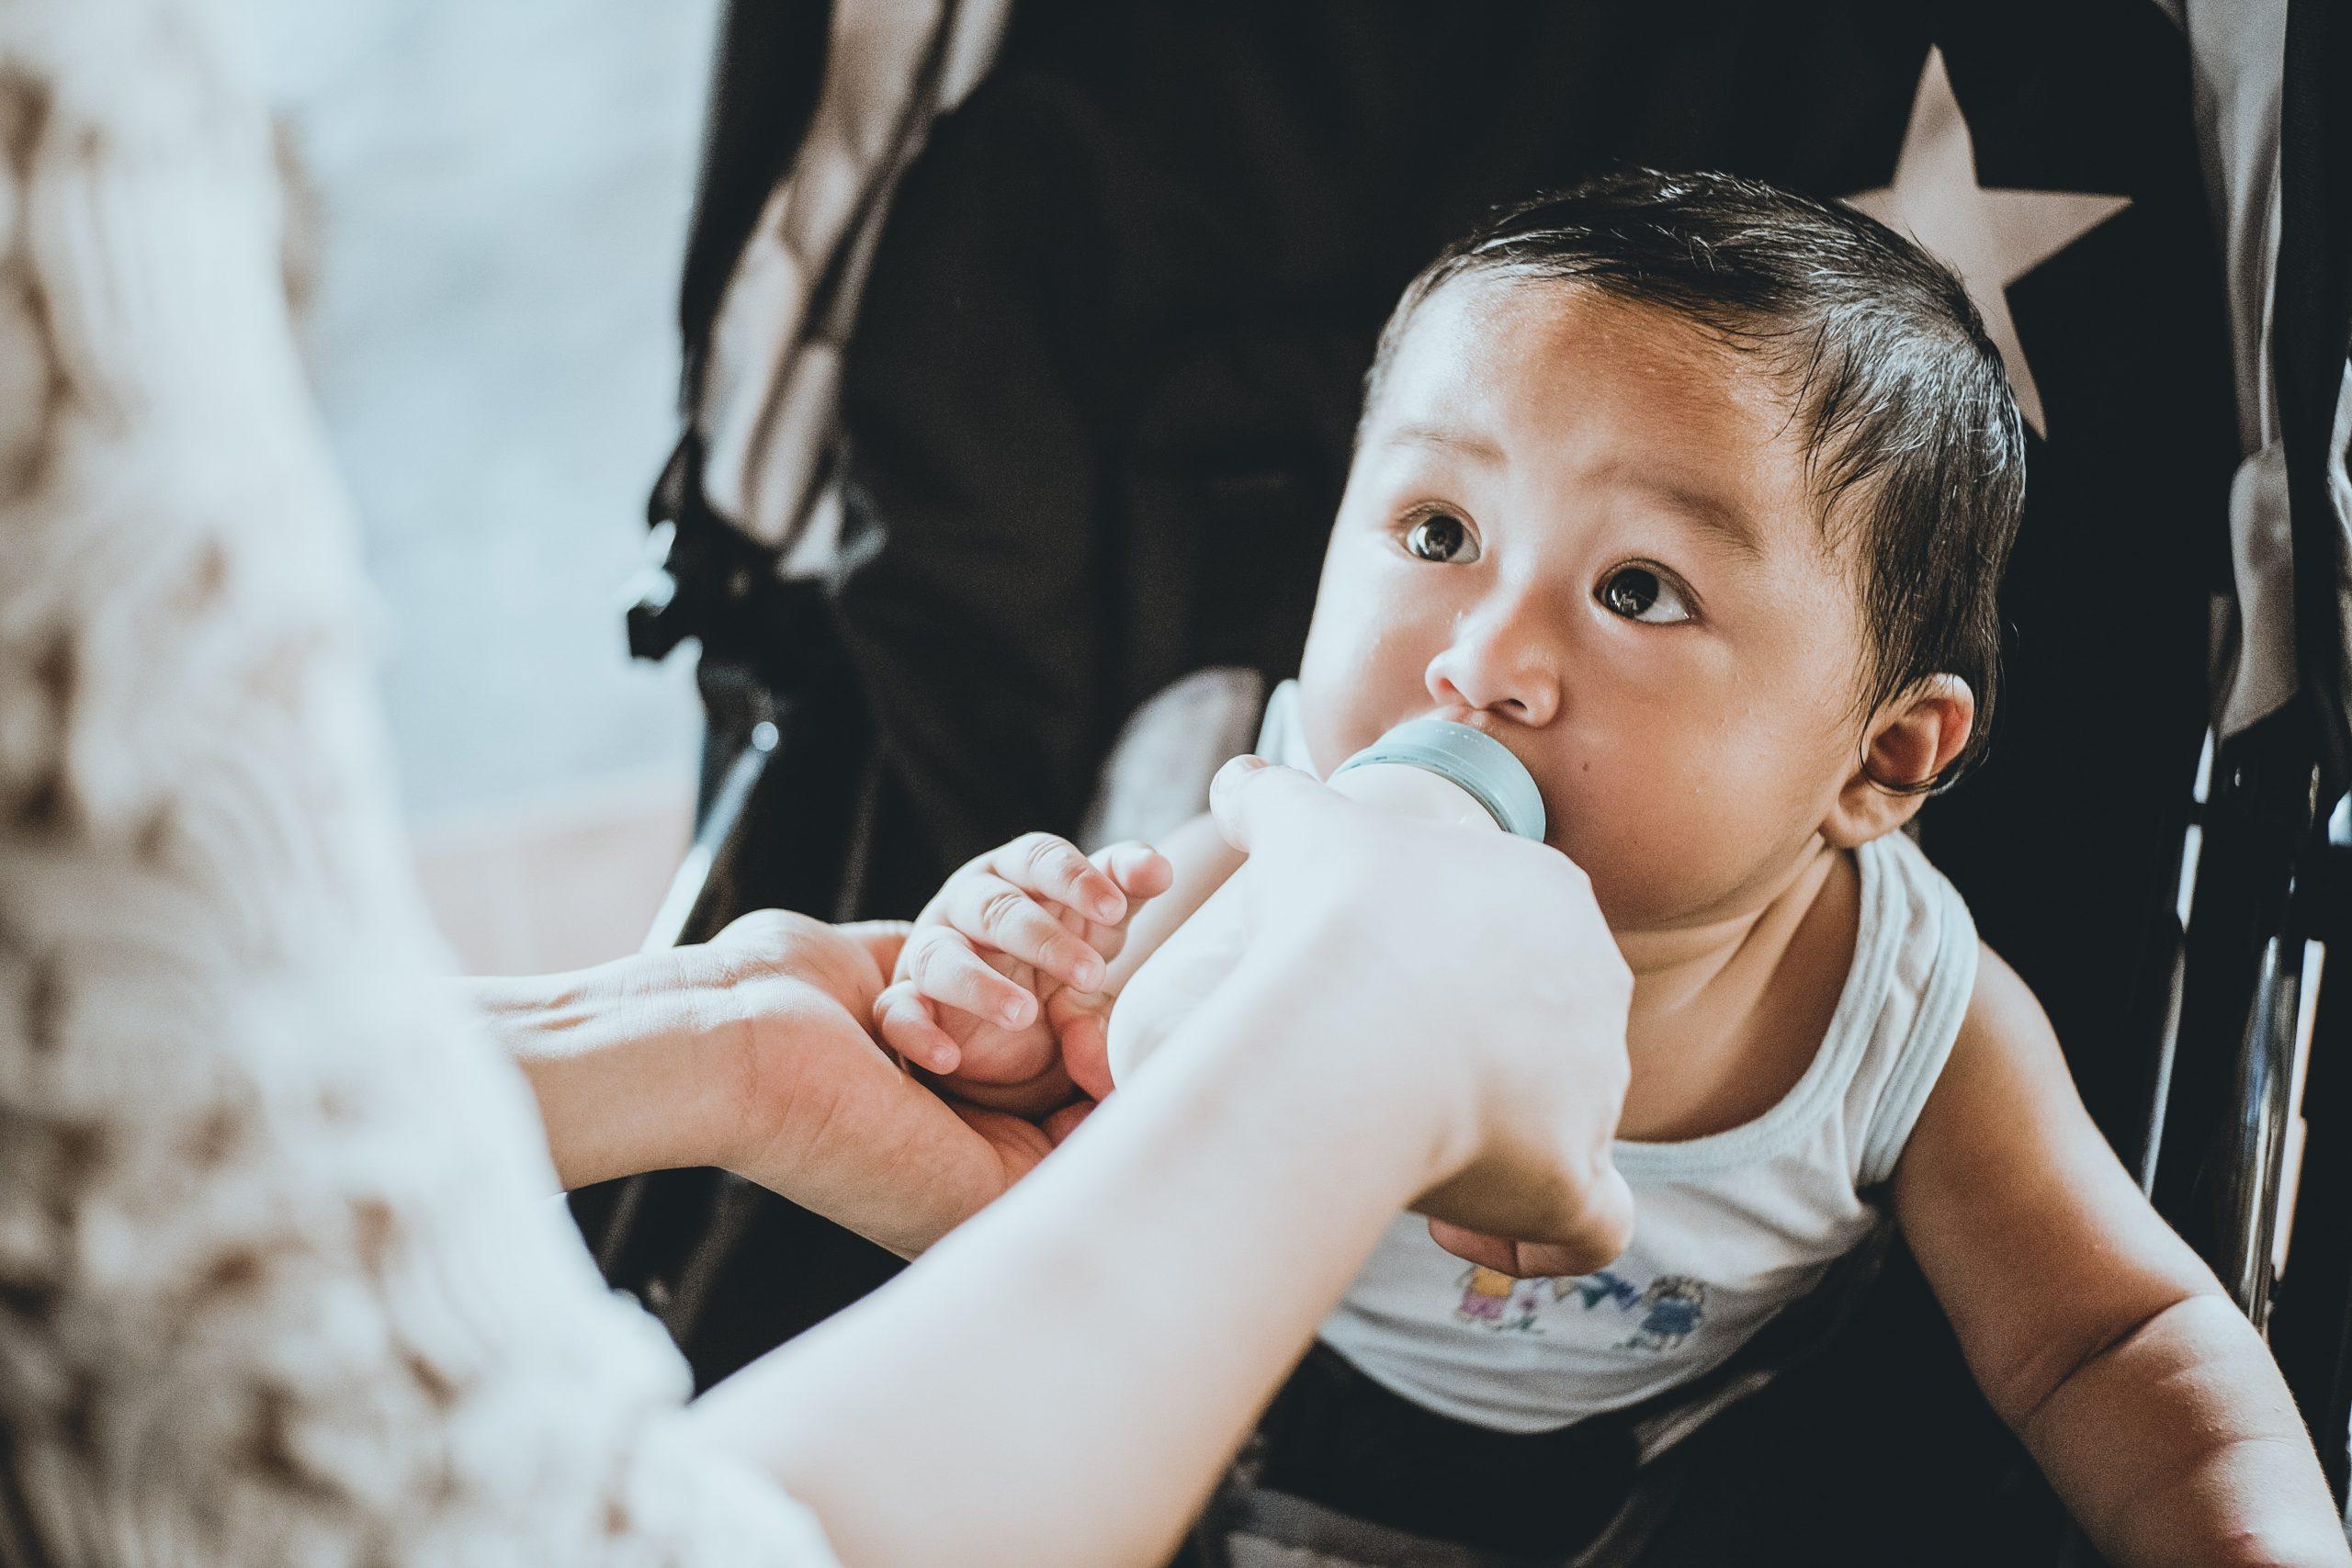 feeding baby milk